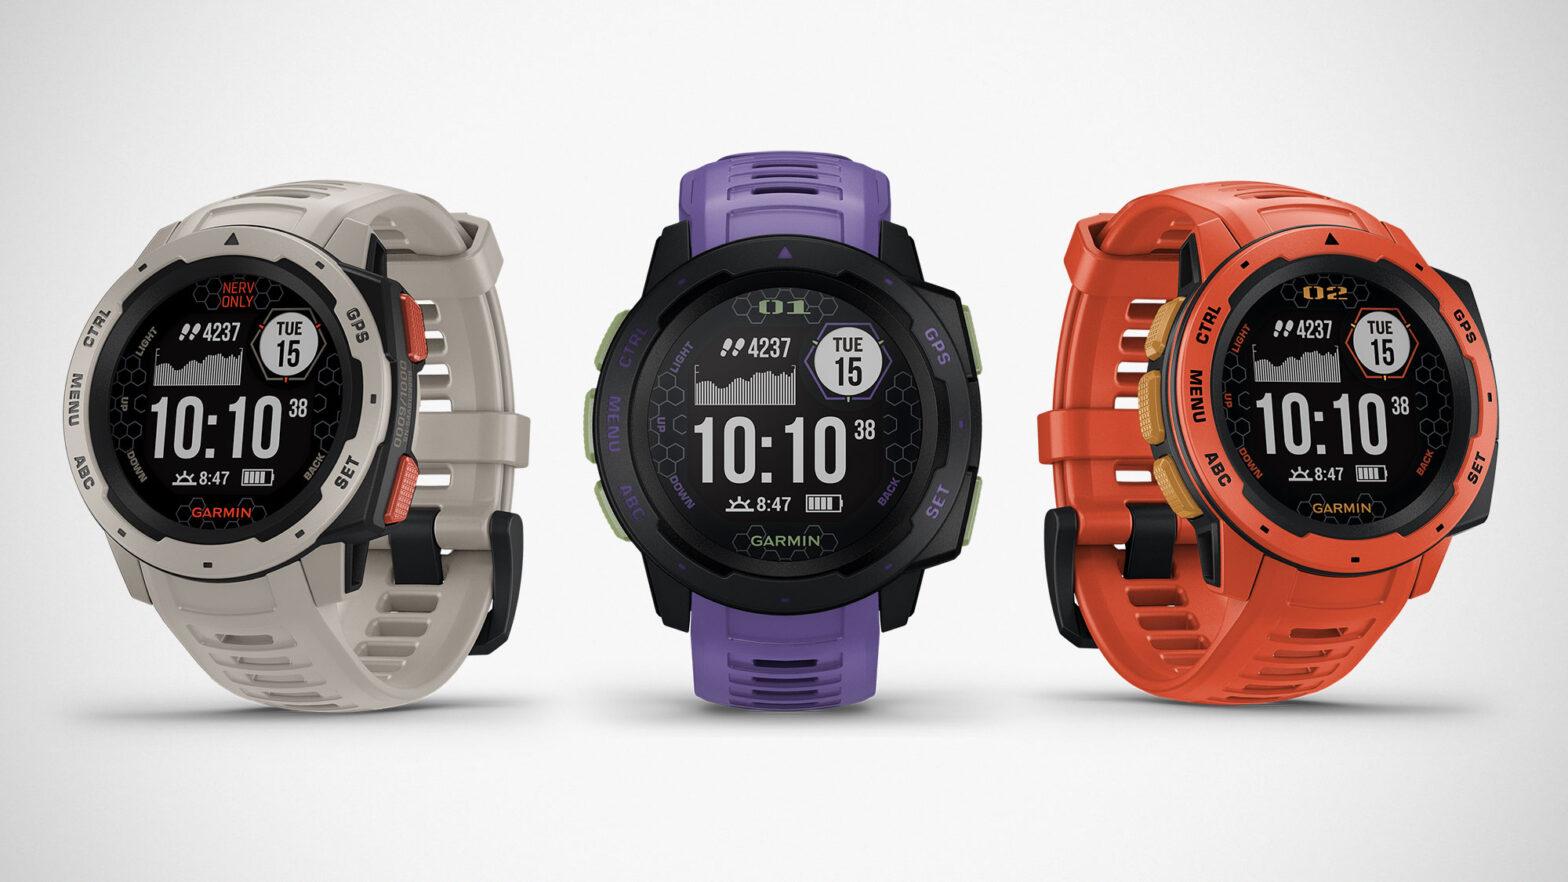 Evangelion x Garmin GPS Smartwatches